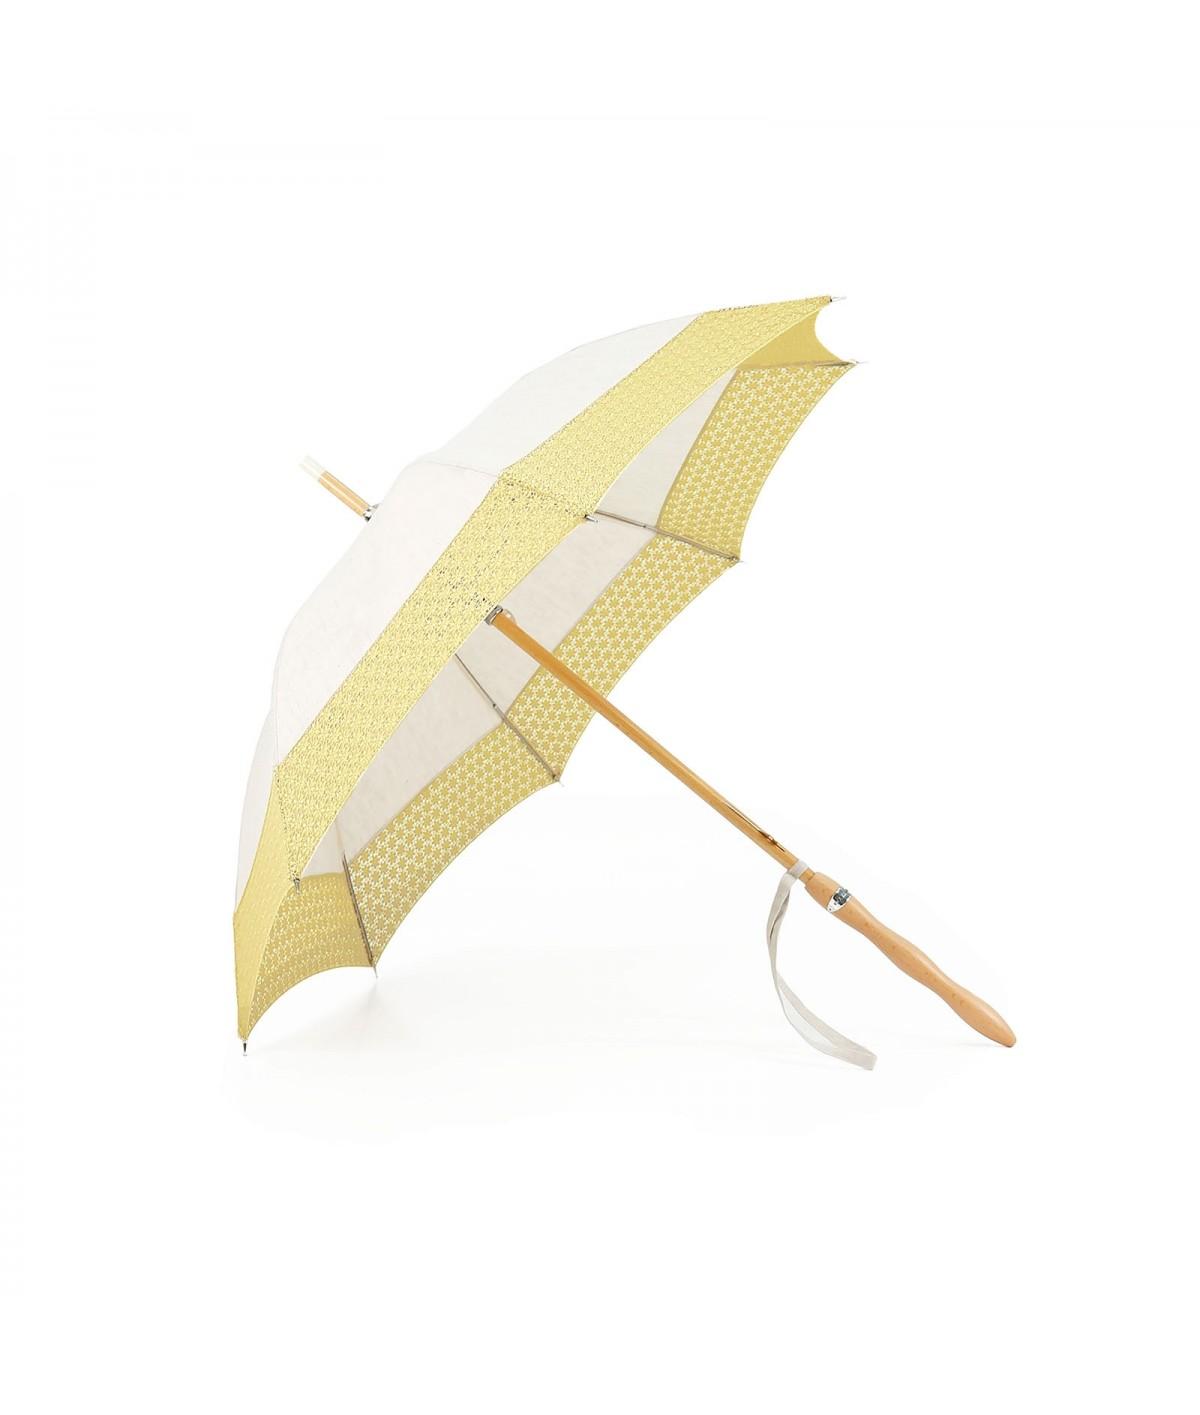 """→ Ombrelle """" Fiorellino"""" à Dentelle Bouton d'Or - Made in France par le leader des fabricants de parapluies français Maison Pier"""